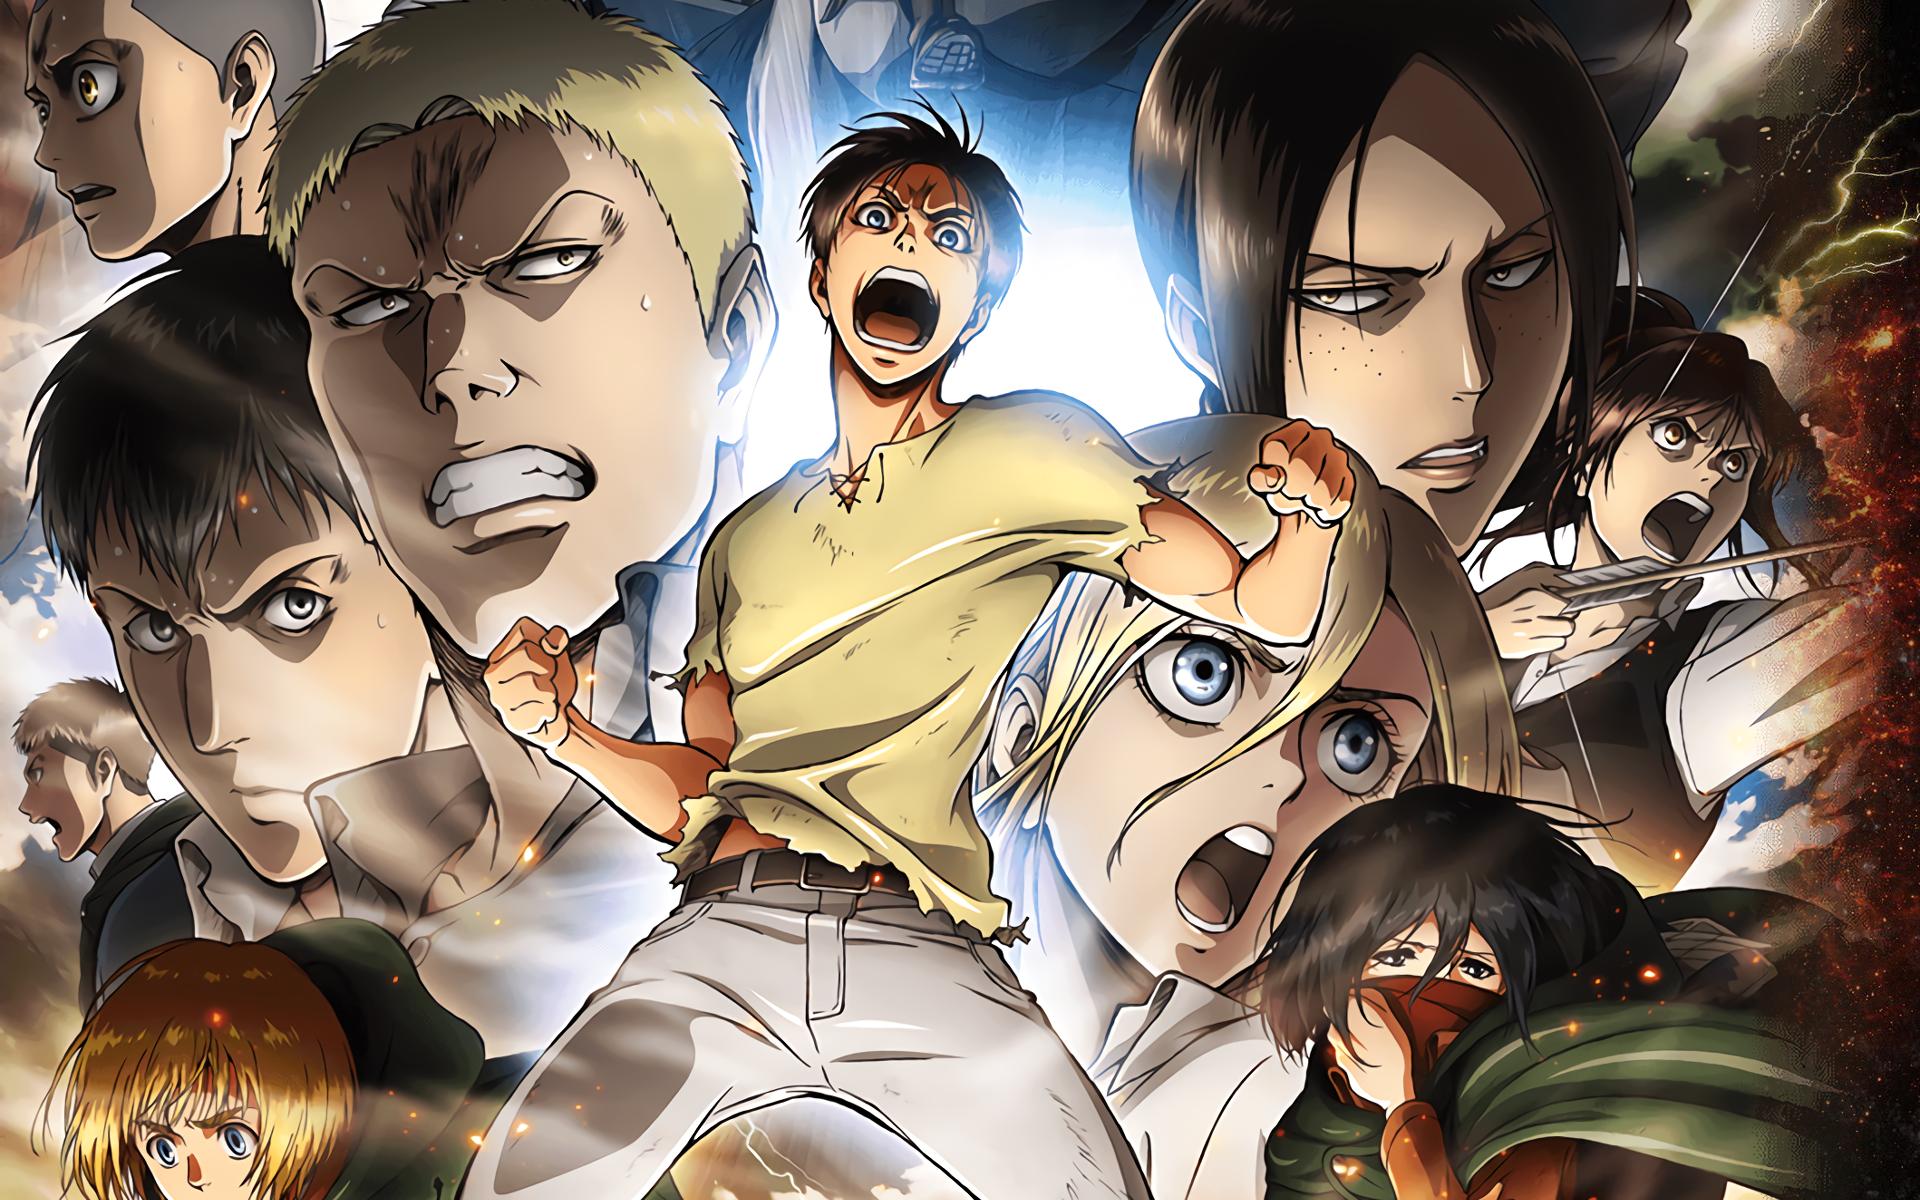 Shingeki No Kyojin Season 2 Hd Wallpaper Background Image